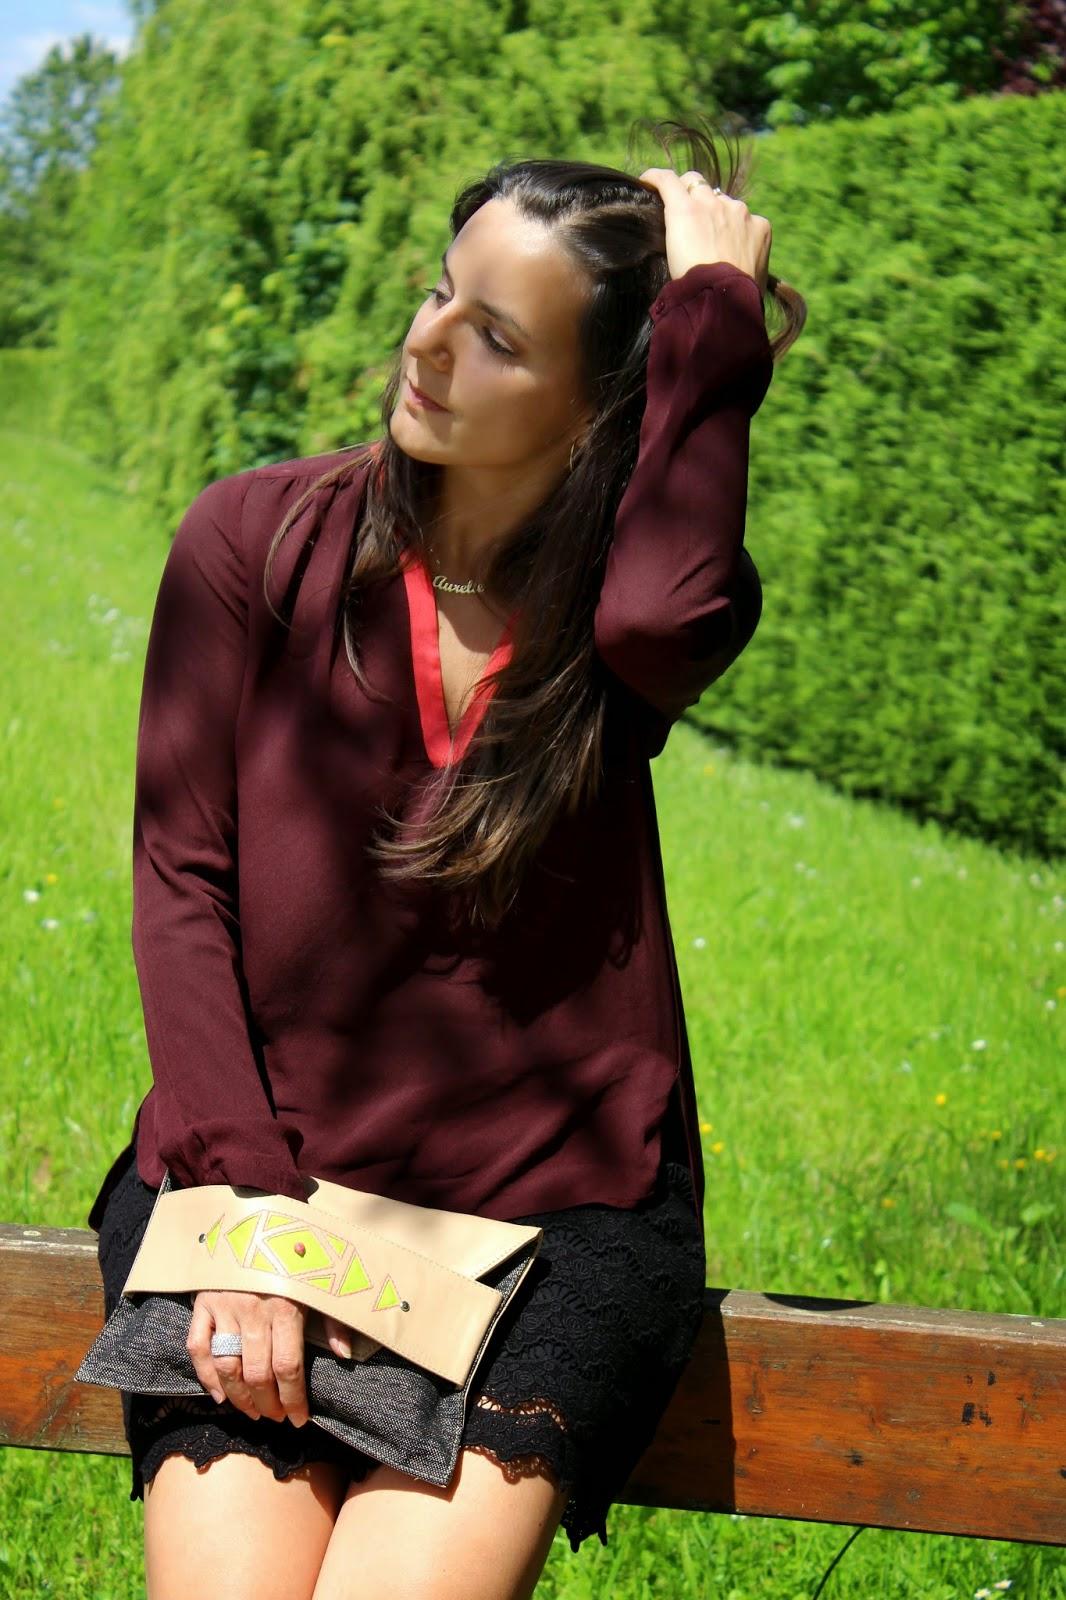 pochette folklo by Ka, blouse comptoir des cotonniers, escarpins corail cosmoparis